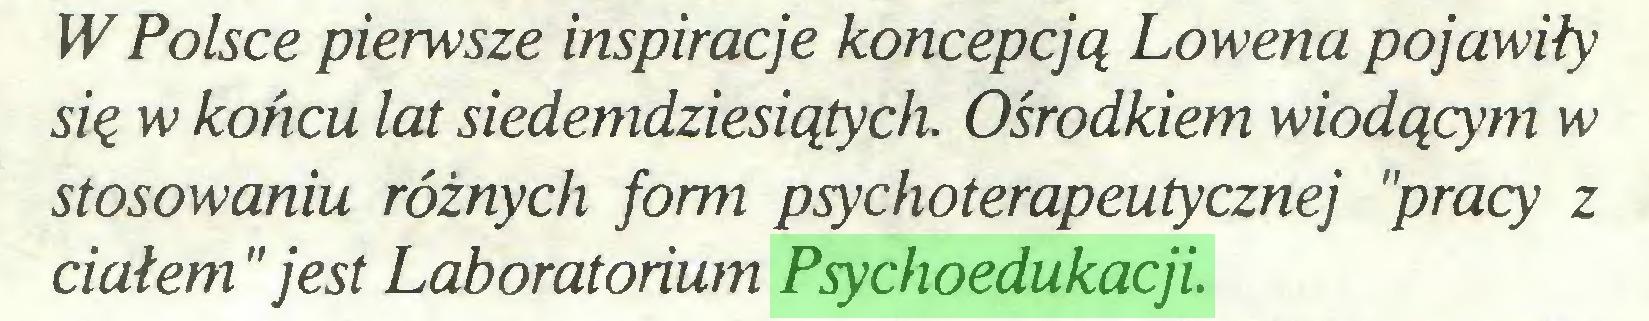 """(...) W Polsce pierwsze inspiracje koncepcją Lowena pojawiły się w końcu lat siedemdziesiątych. Ośrodkiem wiodącym w stosowaniu różnych form psychoterapeutycznej """"pracy z ciałem """"jest Laboratorium Psychoedukacji..."""